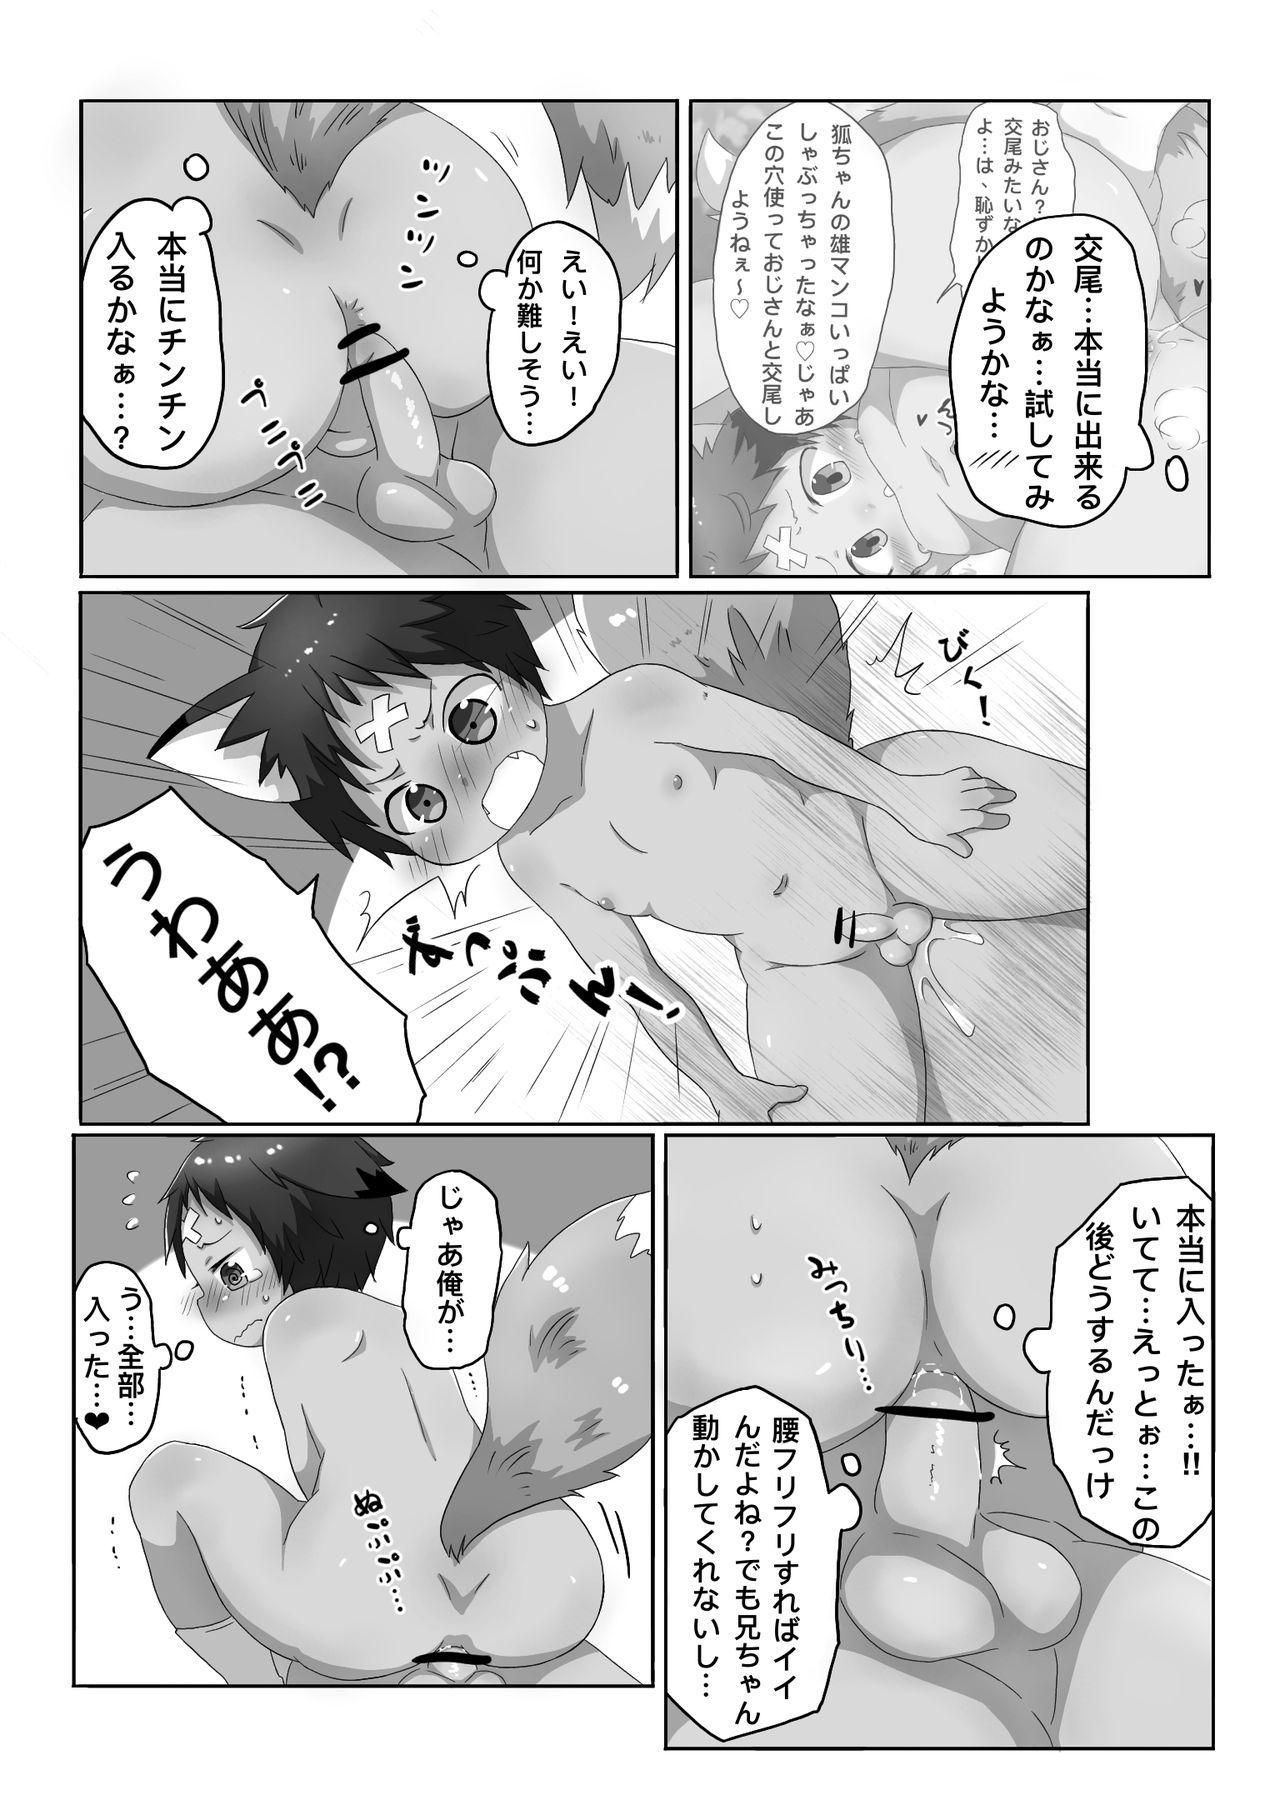 ゴロタ - 狐男児の話 13